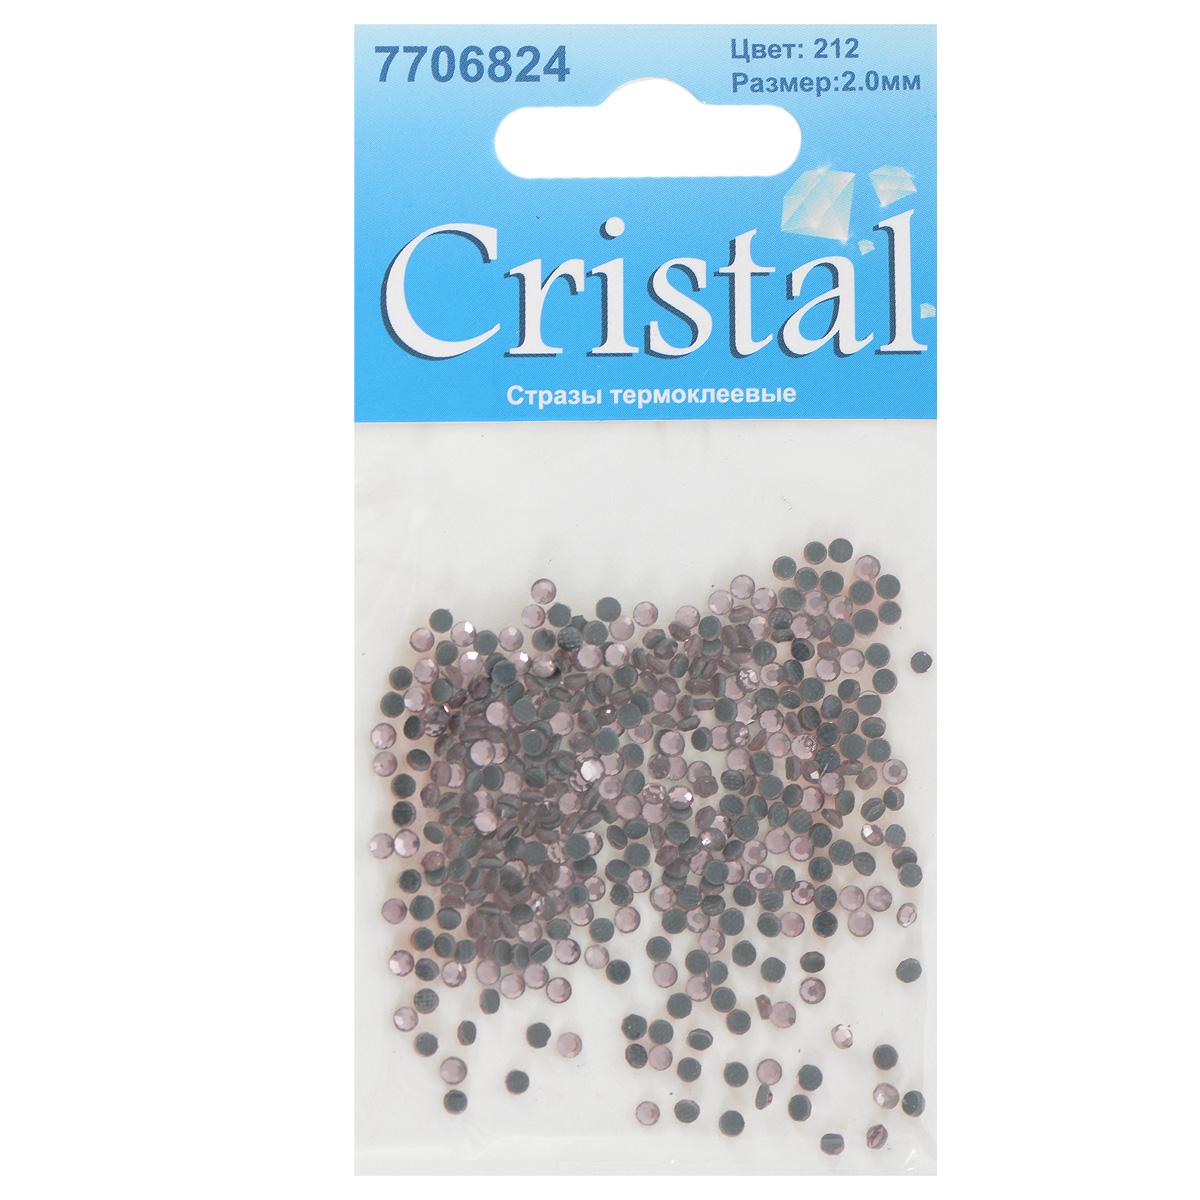 Стразы термоклеевые Cristal, цвет: бледно-розовый (212), диаметр 2 мм, 432 шт7706824_212Набор термоклеевых страз Cristal, изготовленный из высококачественного акрила, позволит вам украсить одежду, аксессуары или текстиль. Яркие стразы имеют плоское дно и круглую поверхность с гранями.Дно термоклеевых страз уже обработано особым клеем, который под воздействием высоких температур начинает плавиться, приклеиваясь, таким образом, к требуемой поверхности. Чаще всего их используют в текстильной промышленности: стразы прикладывают к ткани и проглаживают утюгом с обратной стороны. Также можно использовать специальный паяльник. Украшение стразами поможет сделать любую вещь оригинальной и неповторимой. Диаметр страз: 2 мм.